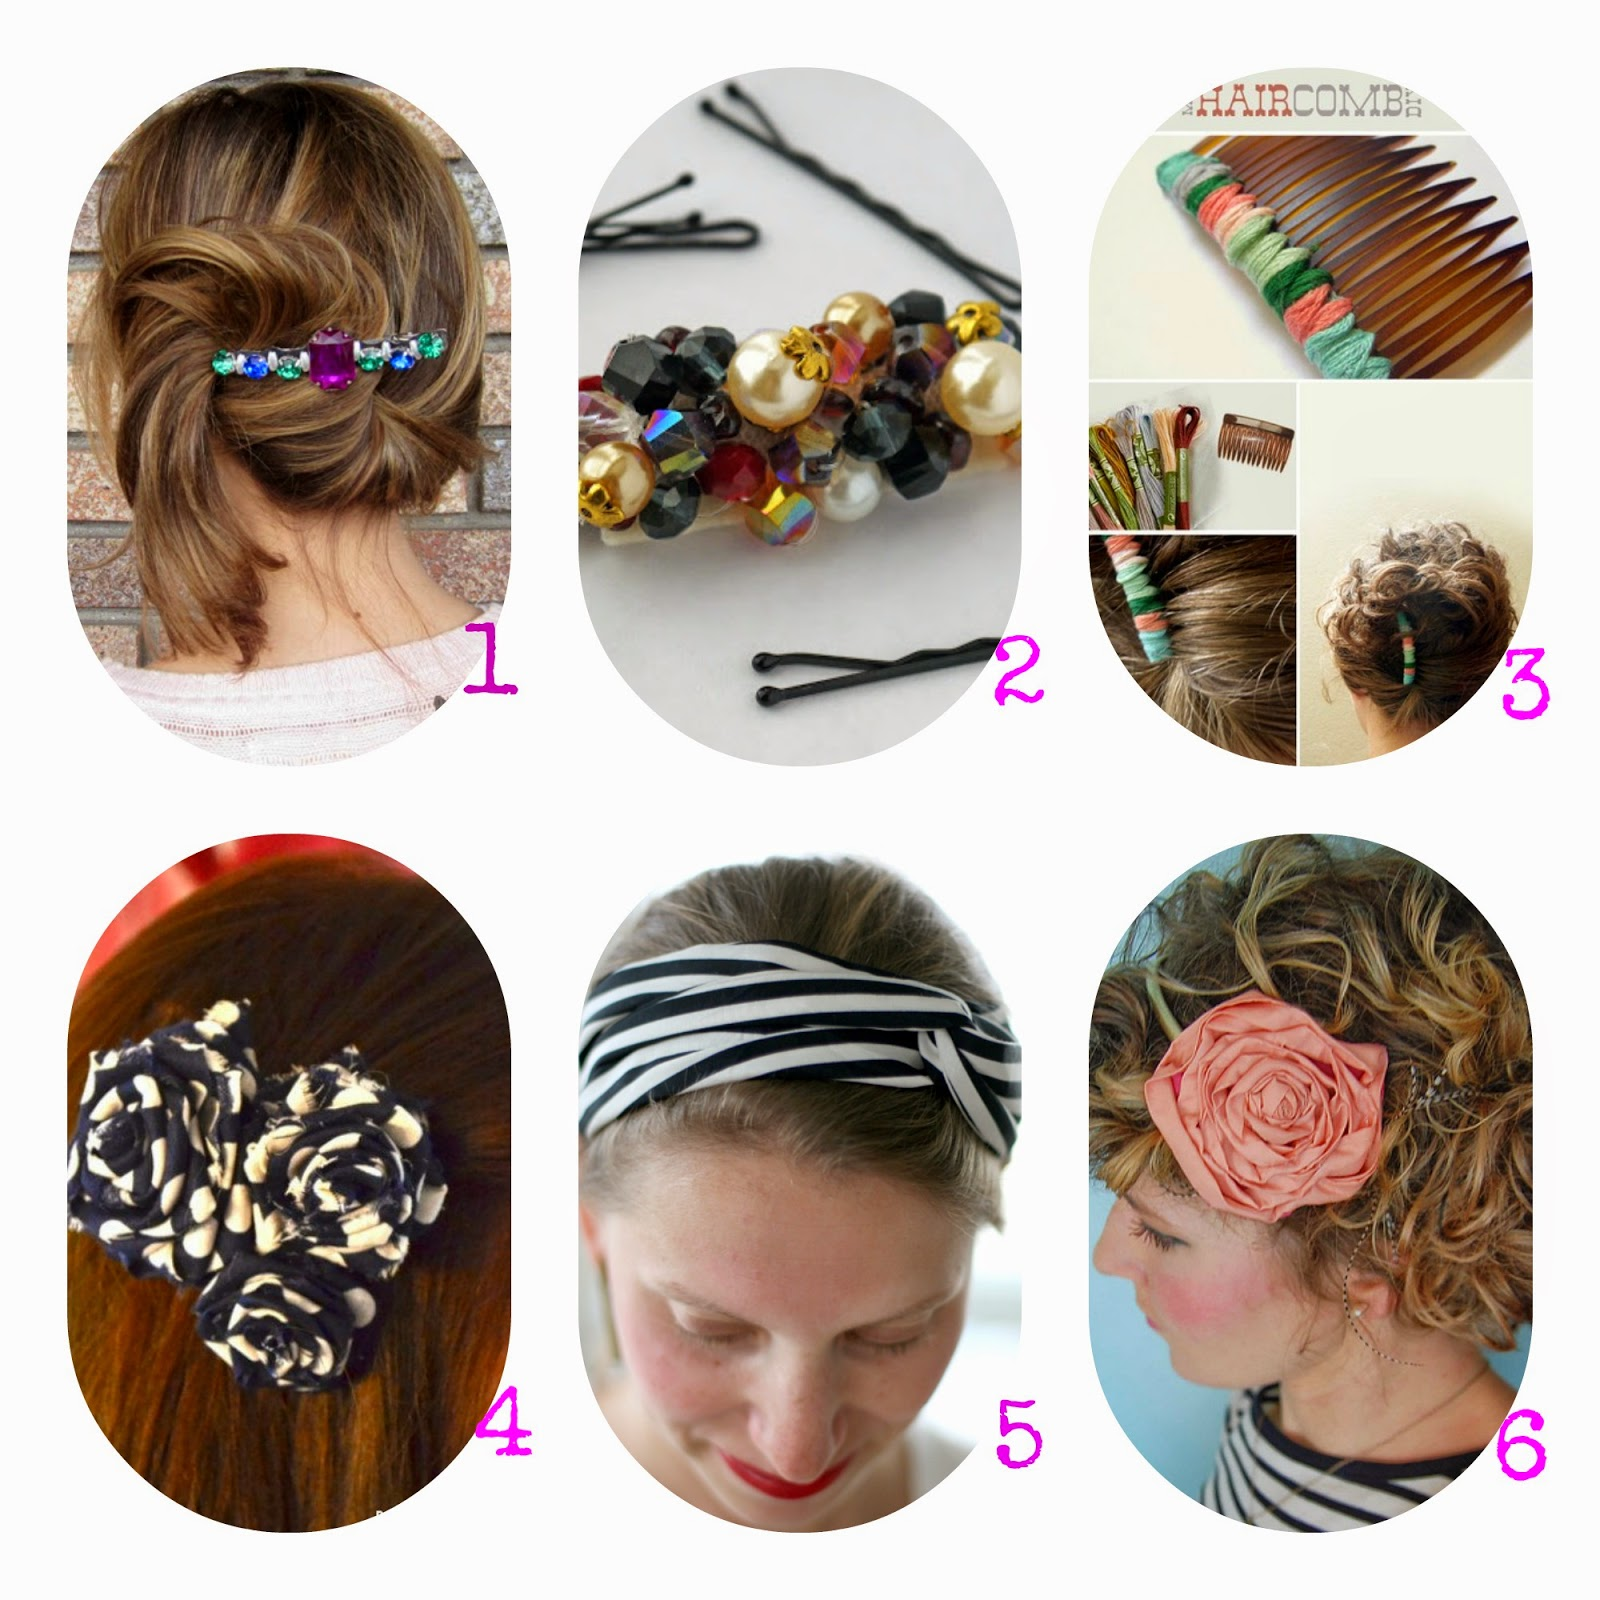 Moda fai da te accessori per capelli bellissimi tutorial for Accessori per la casa fai da te